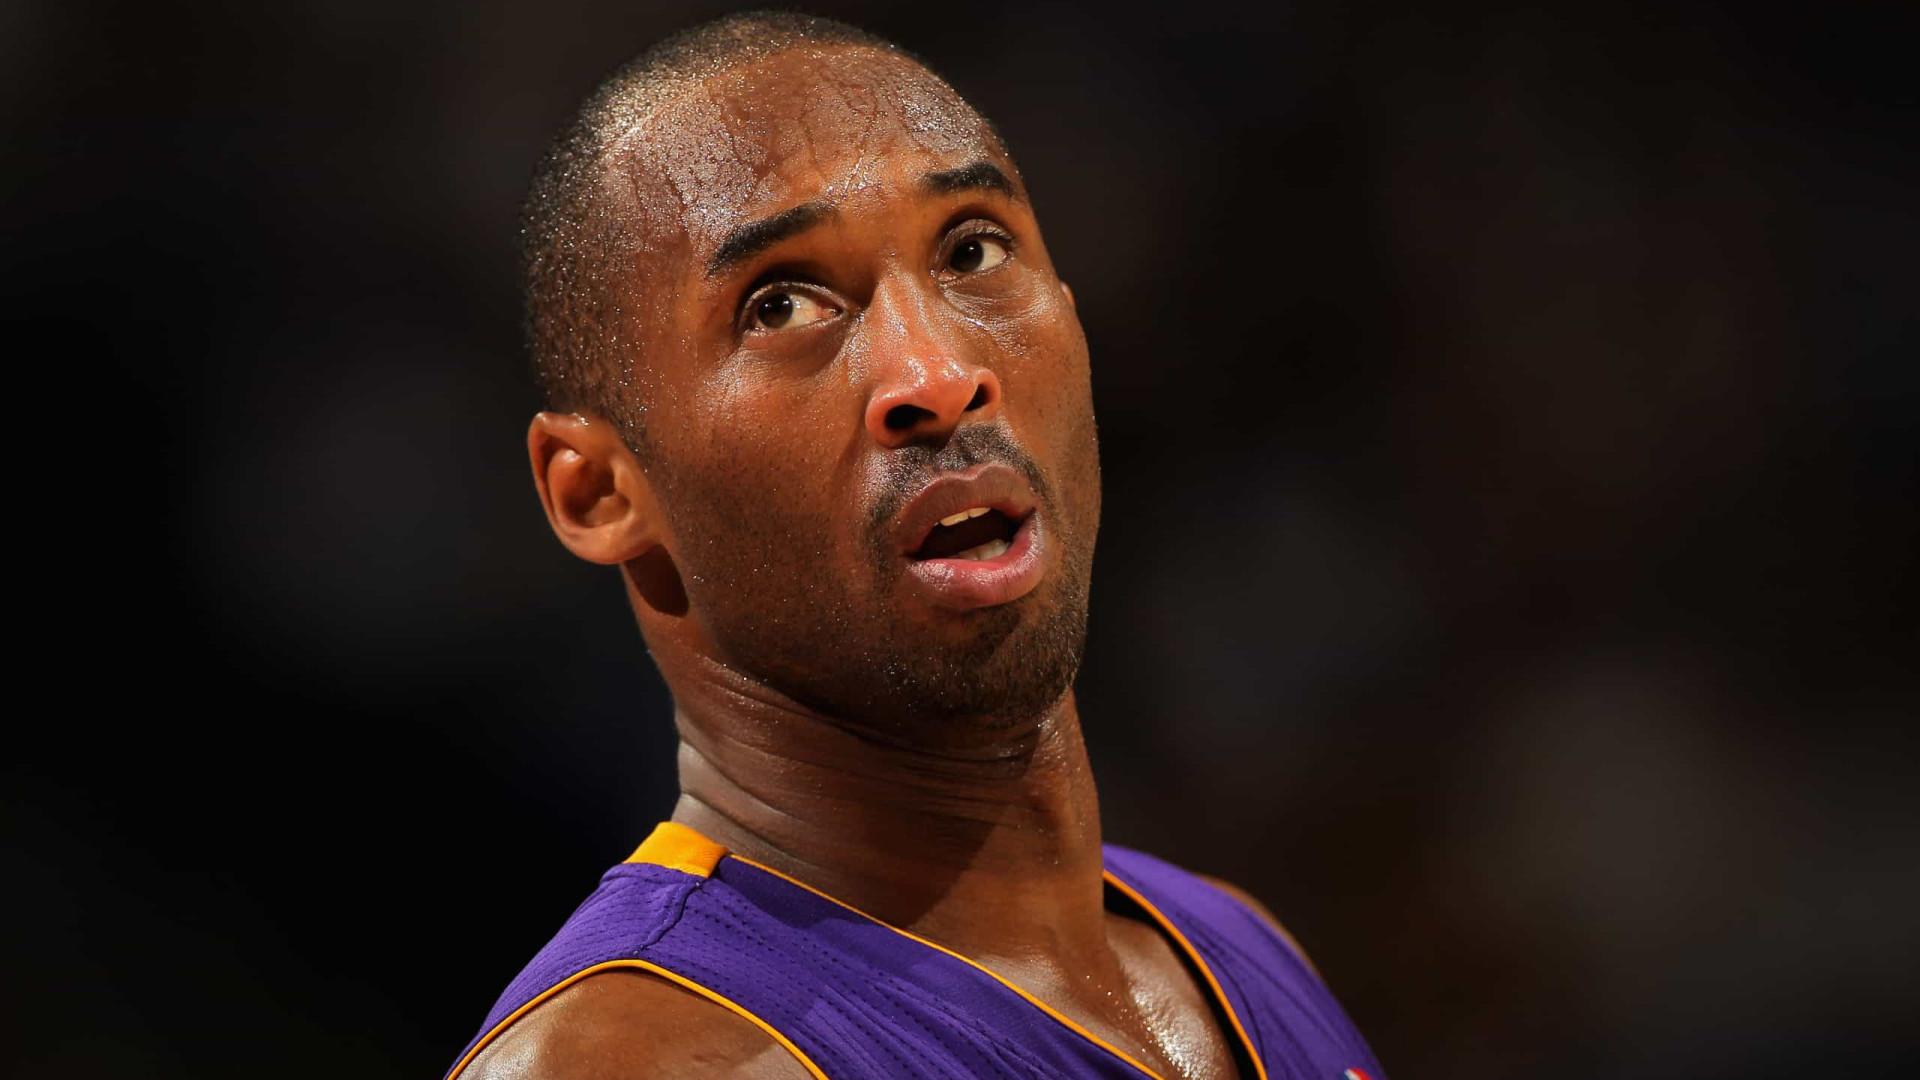 Viúva de Kobe Bryant, morto há um ano, revela que perda 'ainda não parece real'